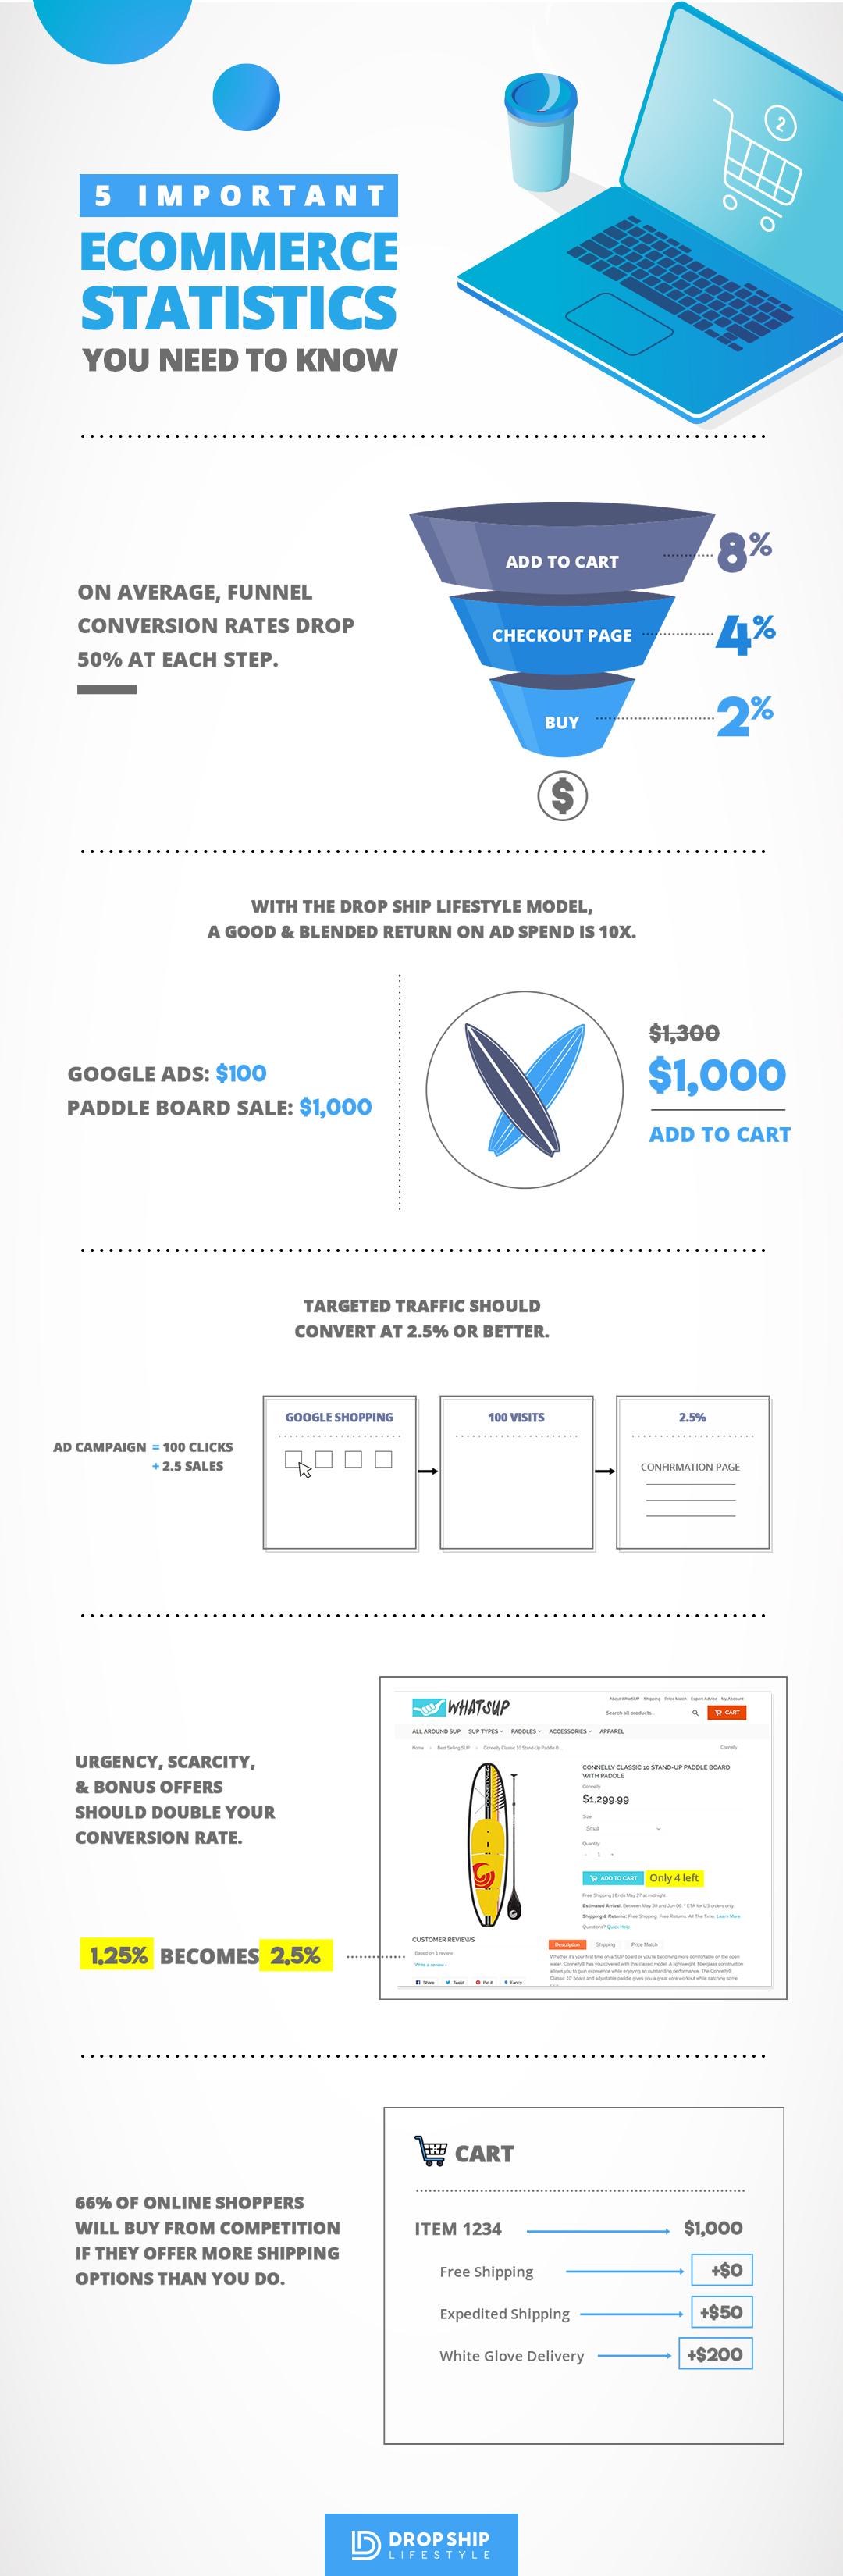 ecommerce statistics infographic